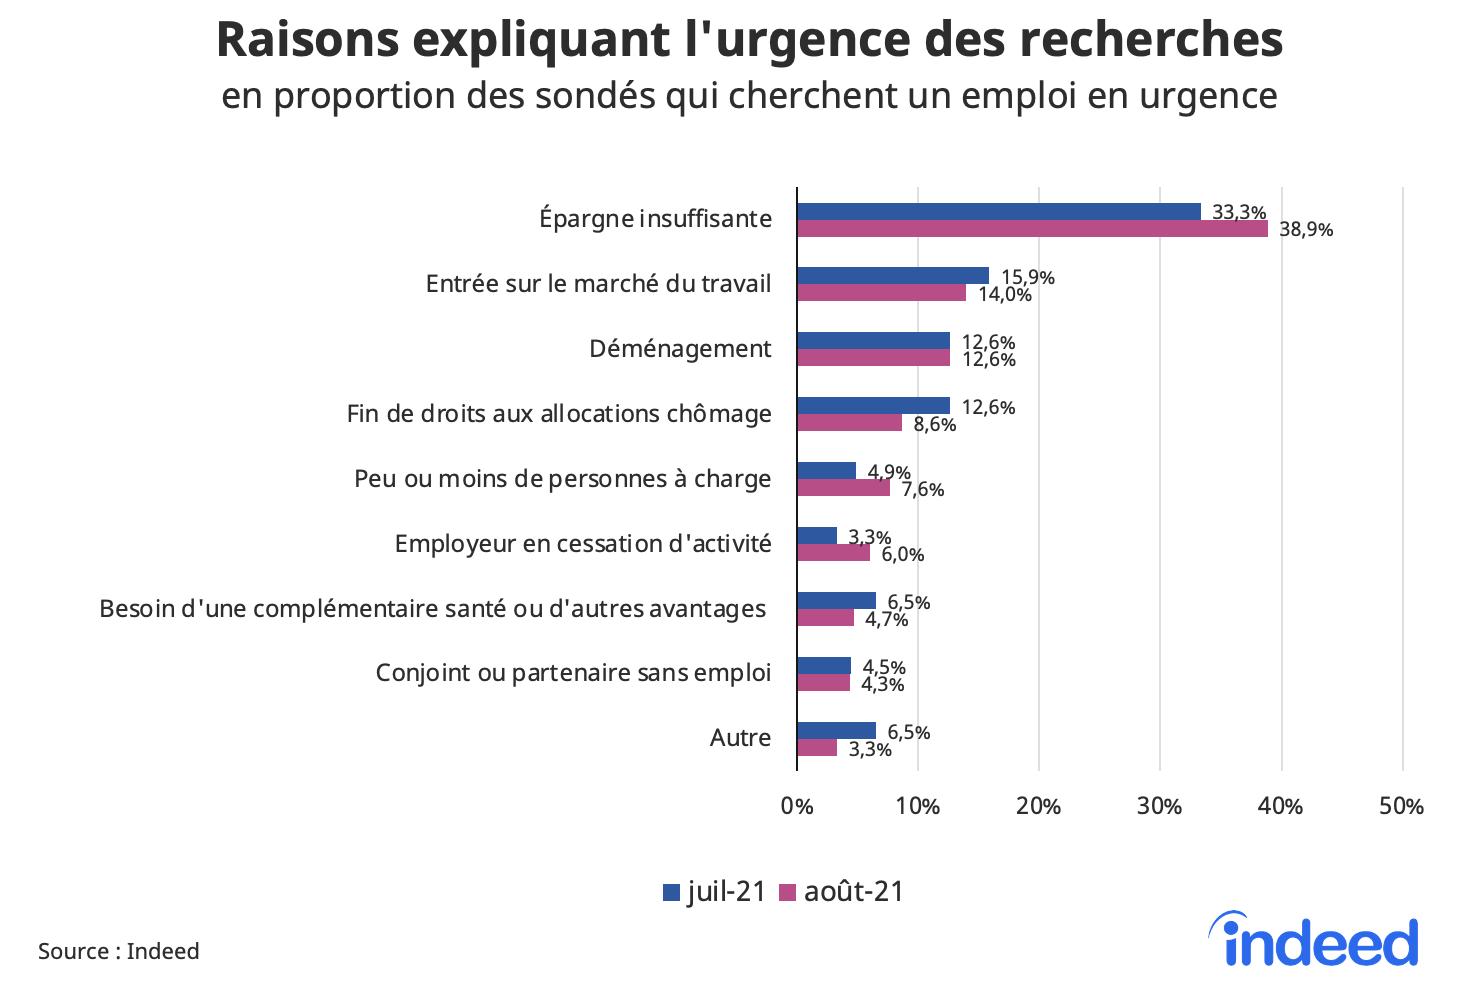 Cet histogramme présente les raisons expliquant l'urgence des recherches, en proportion des sondés qui cherchent un emploi en urgence, pour les mois de juillet et août 2021